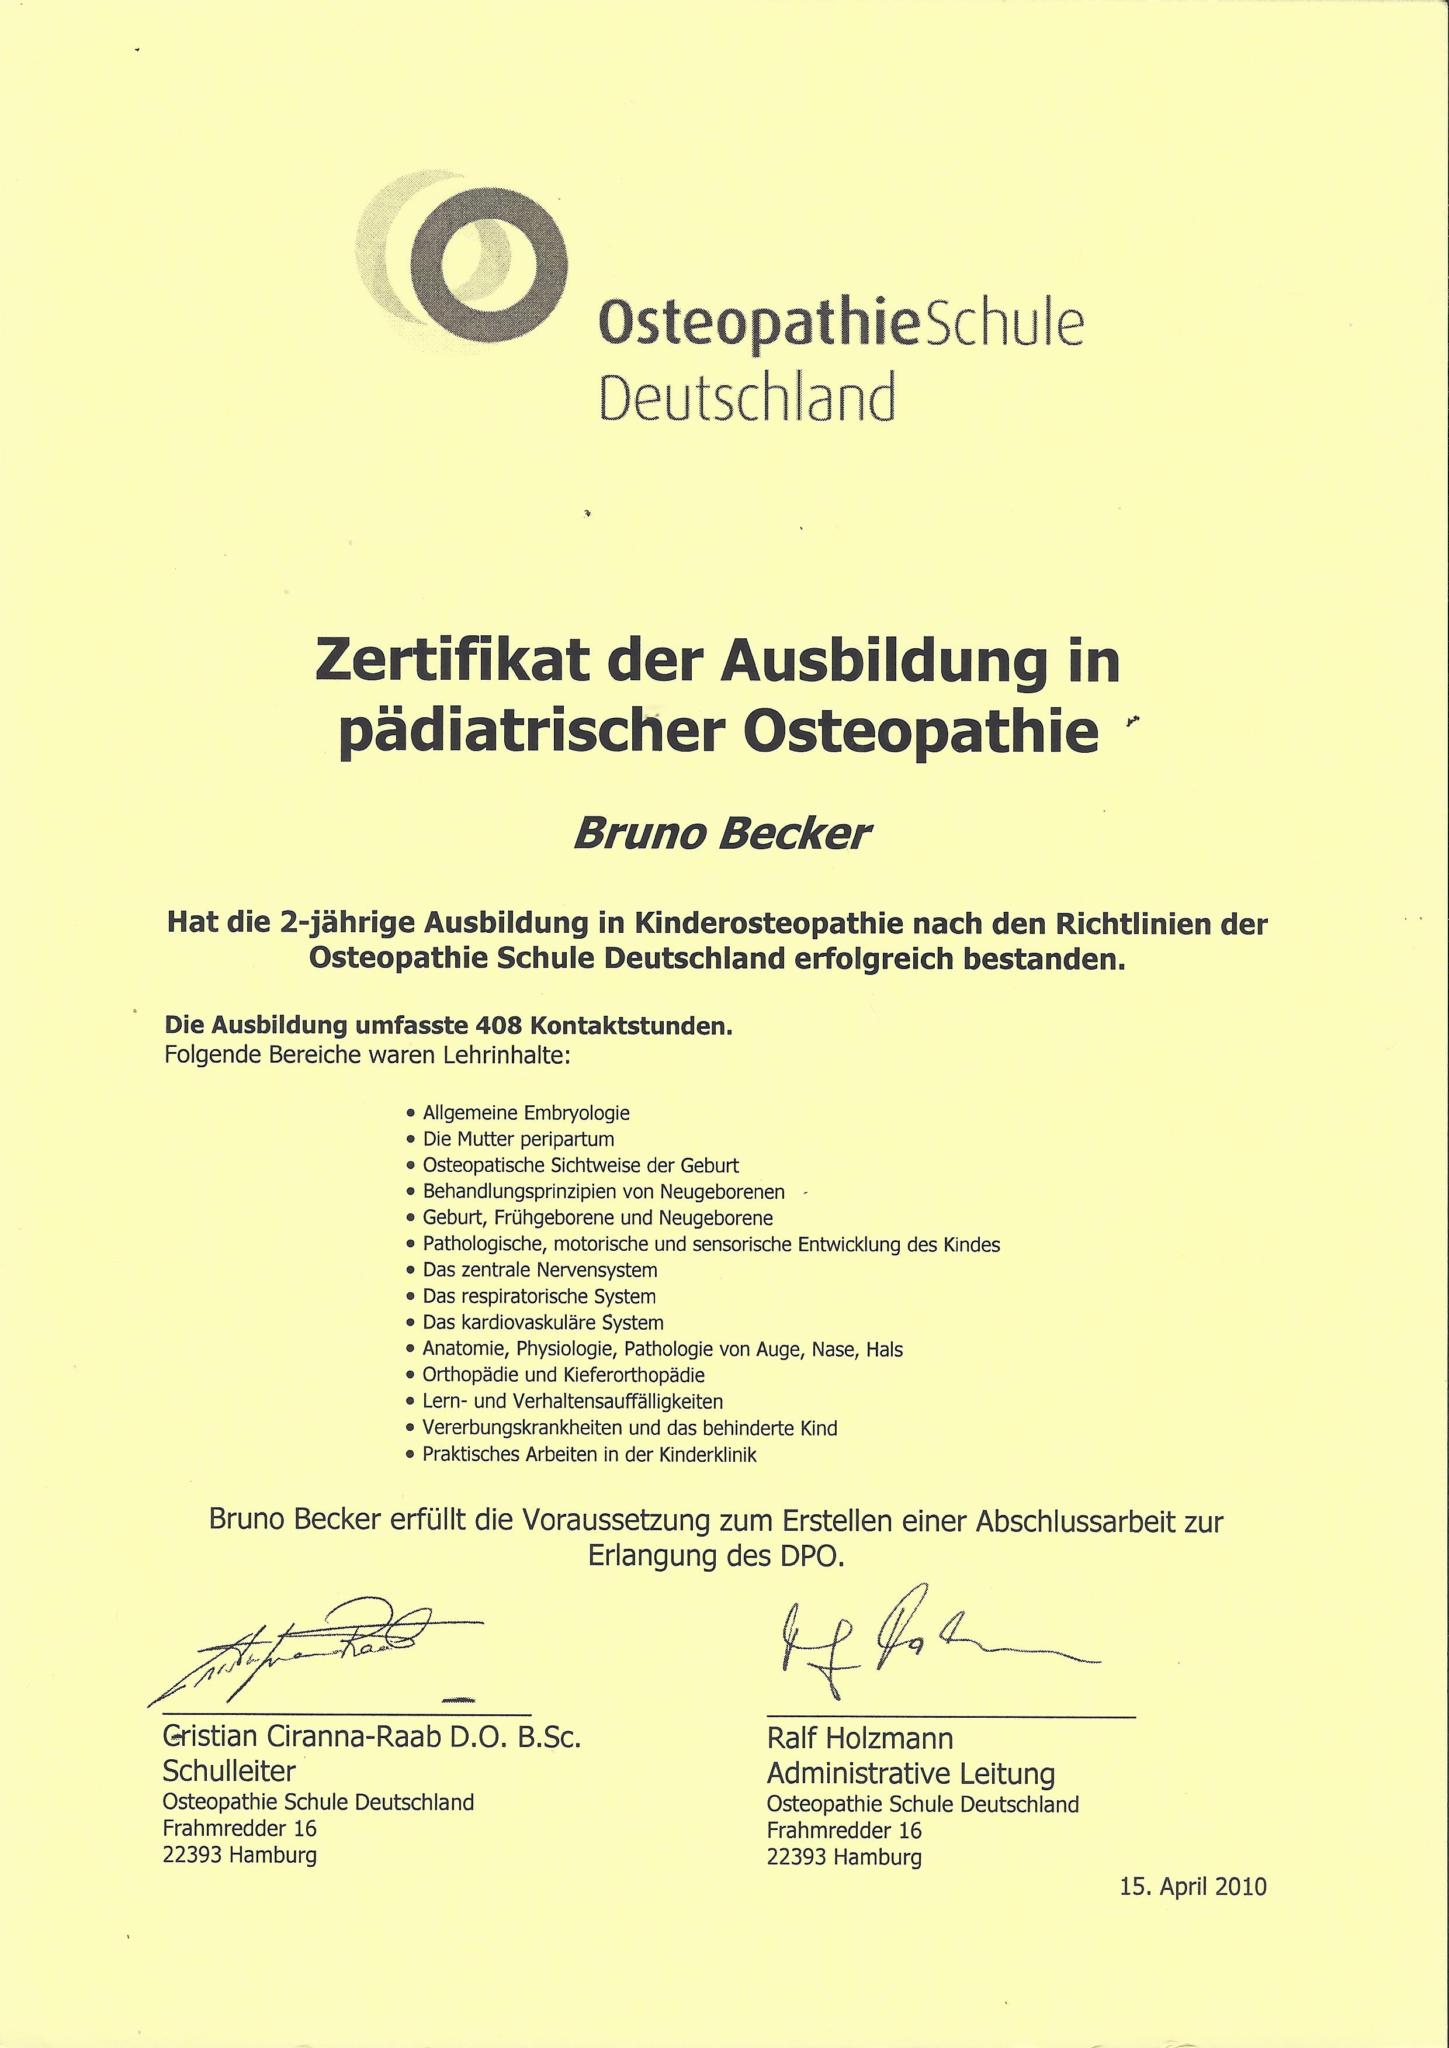 Bruno Becker Zeugnis Pädiatrische Osteopathie